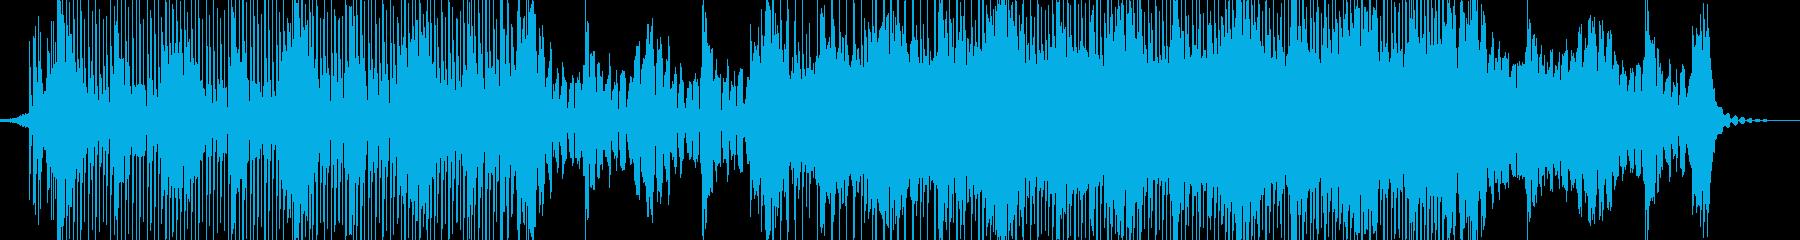 シンプルなレトロウェーヴの再生済みの波形